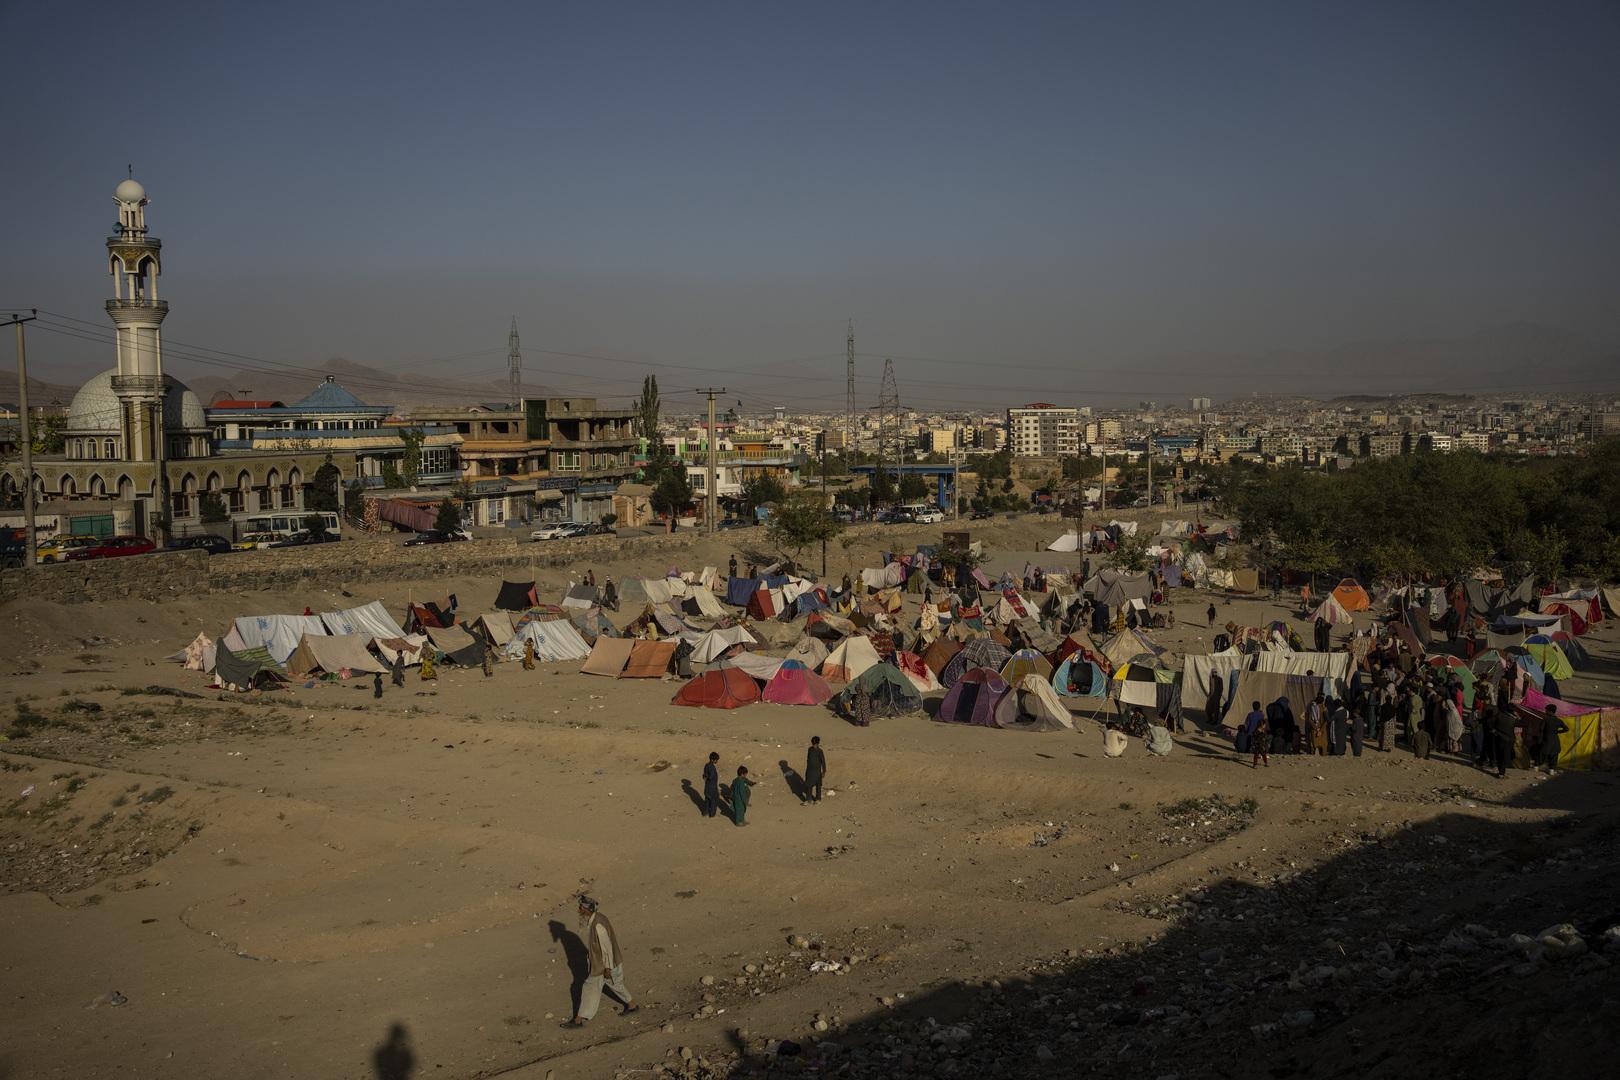 الصين تدعو إلى إلغاء تجميد أموال أفغانستان في الخارج